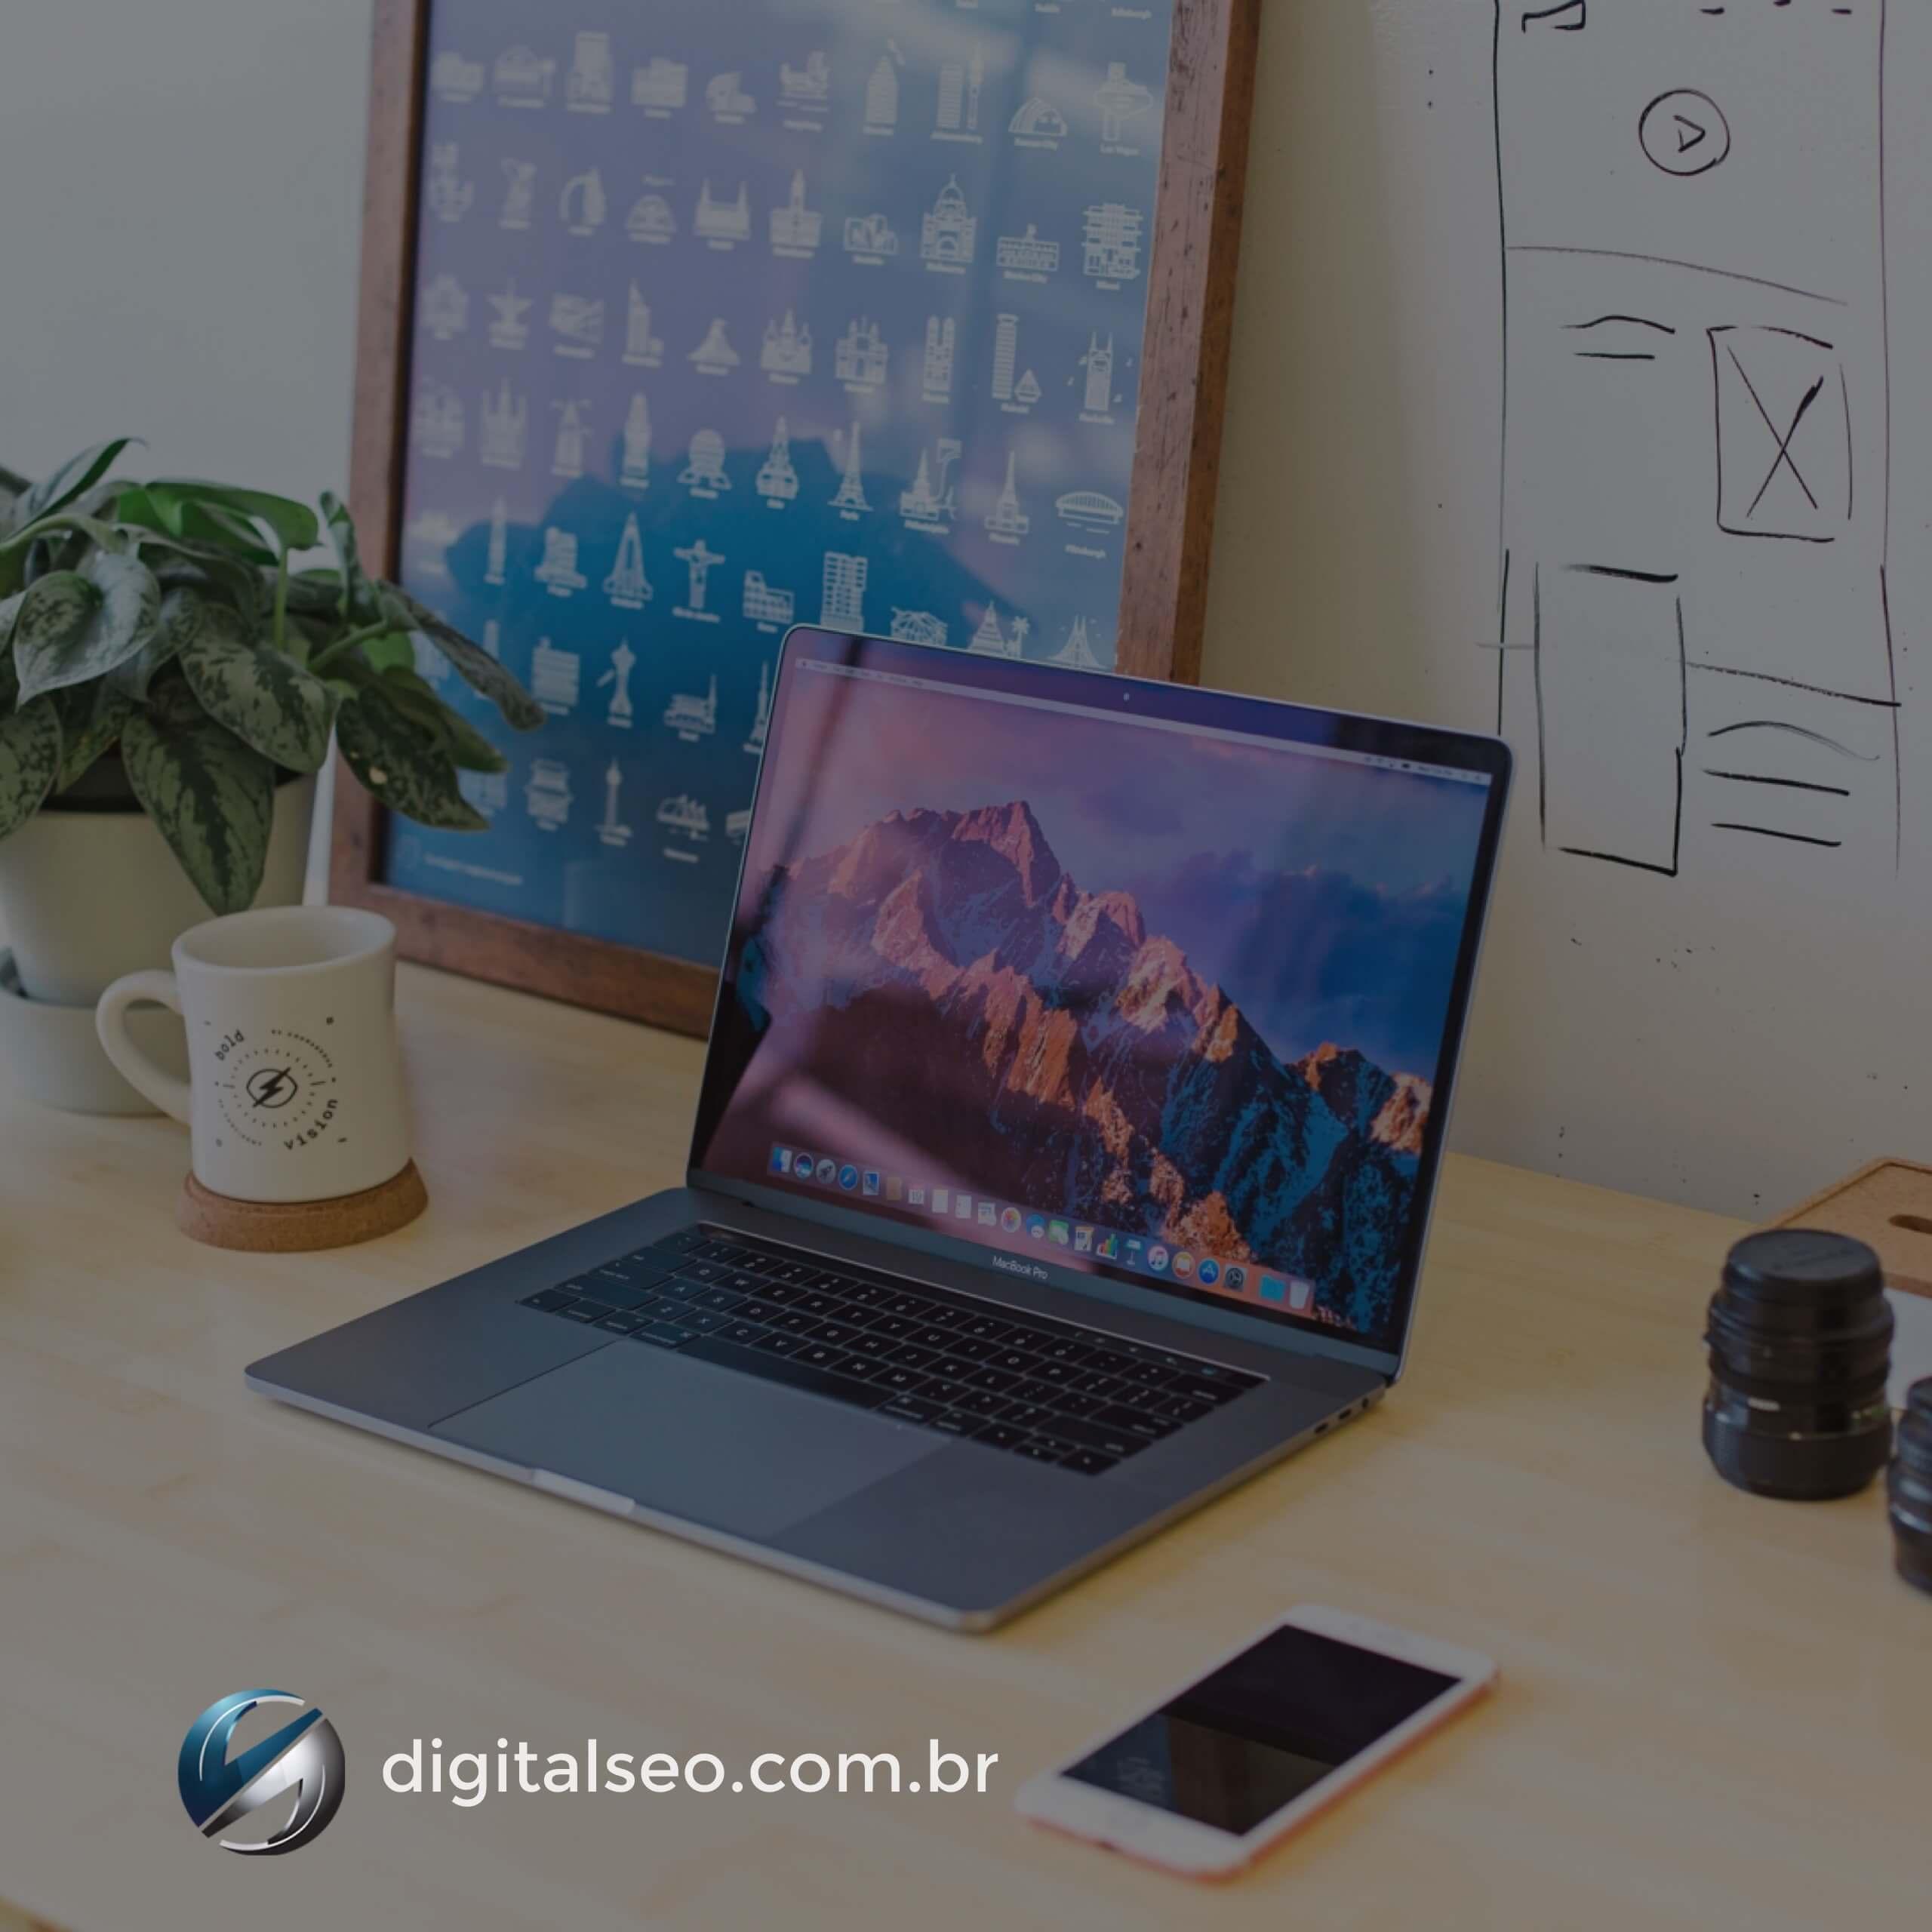 (c) Digitalseo.com.br